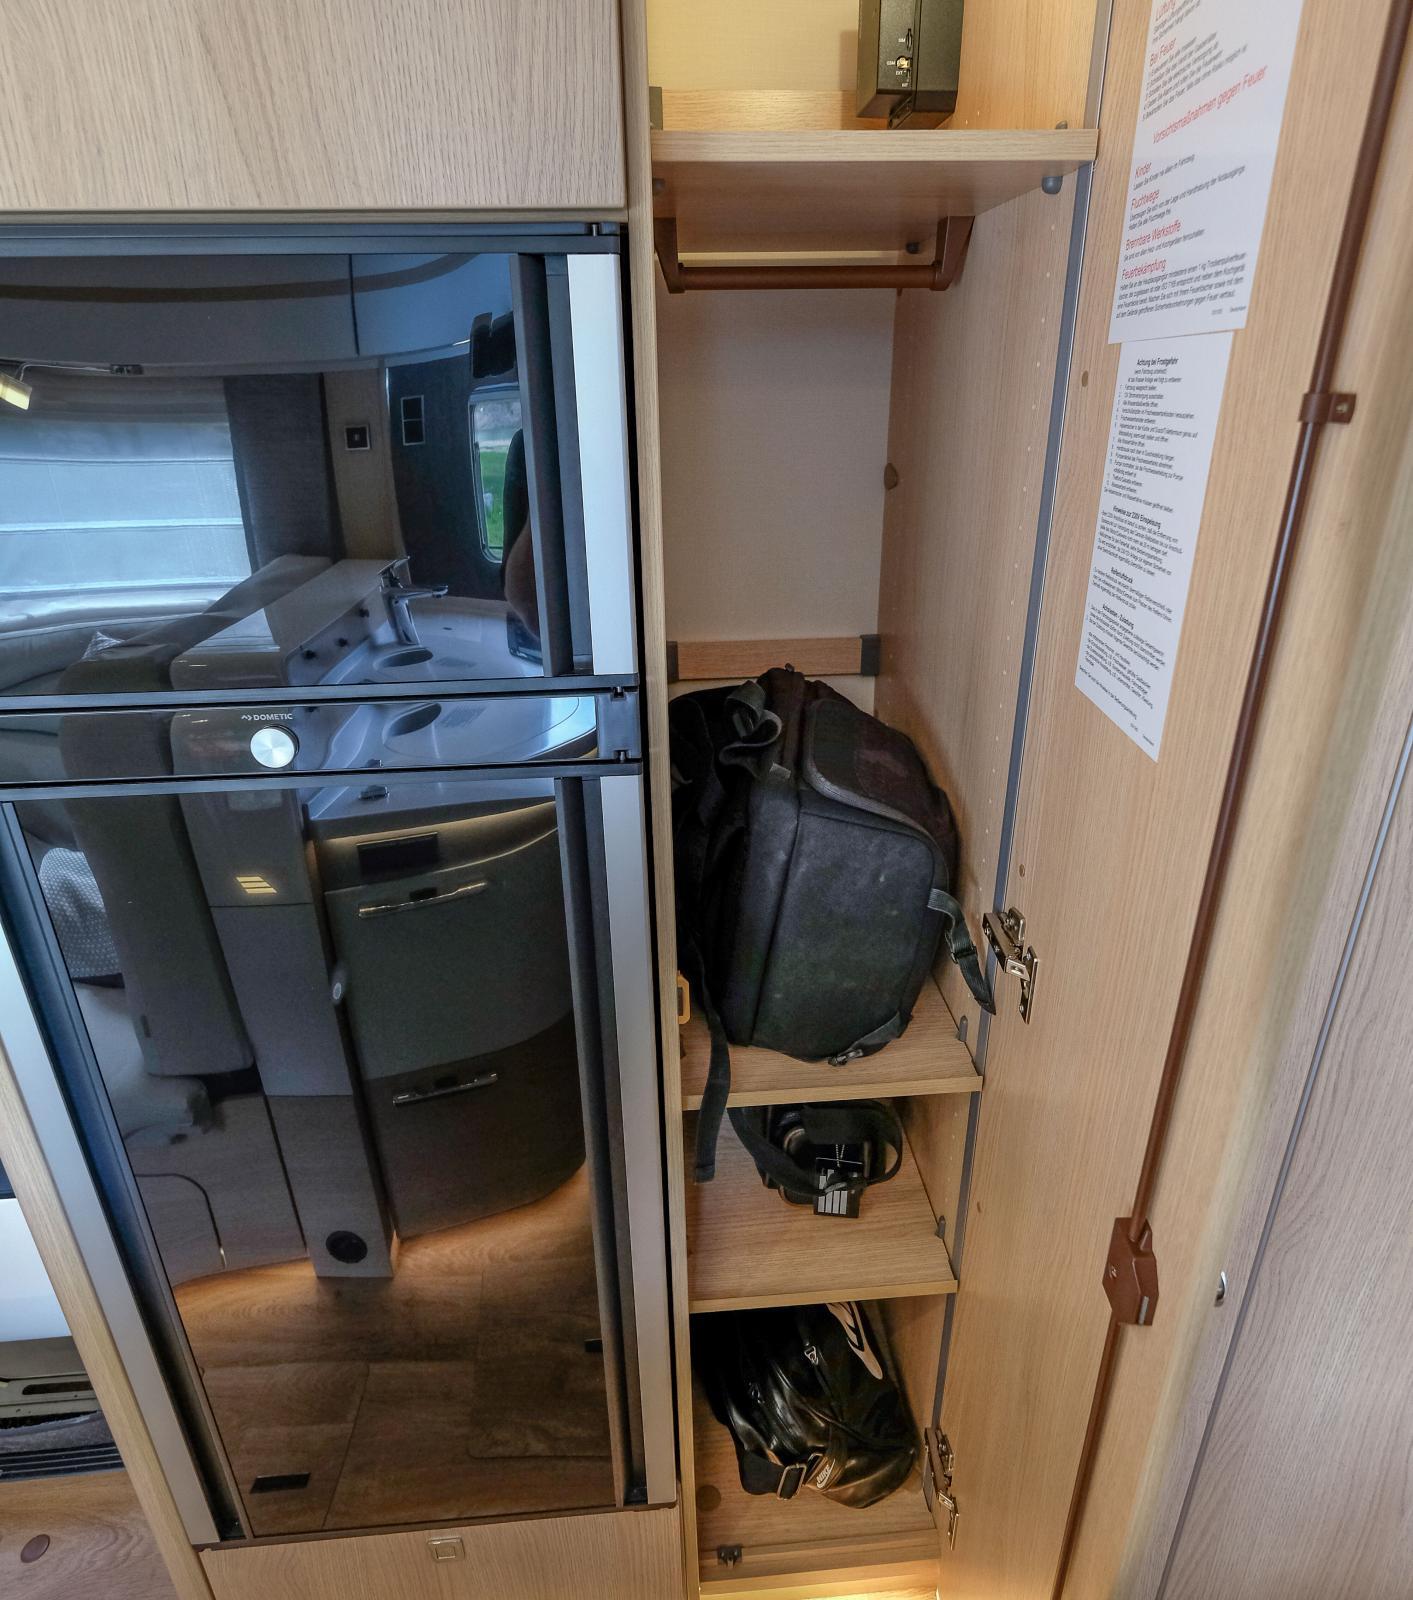 Garderoben på fel sida om toadörr. Tillvalet utdragsskåp är bättre.